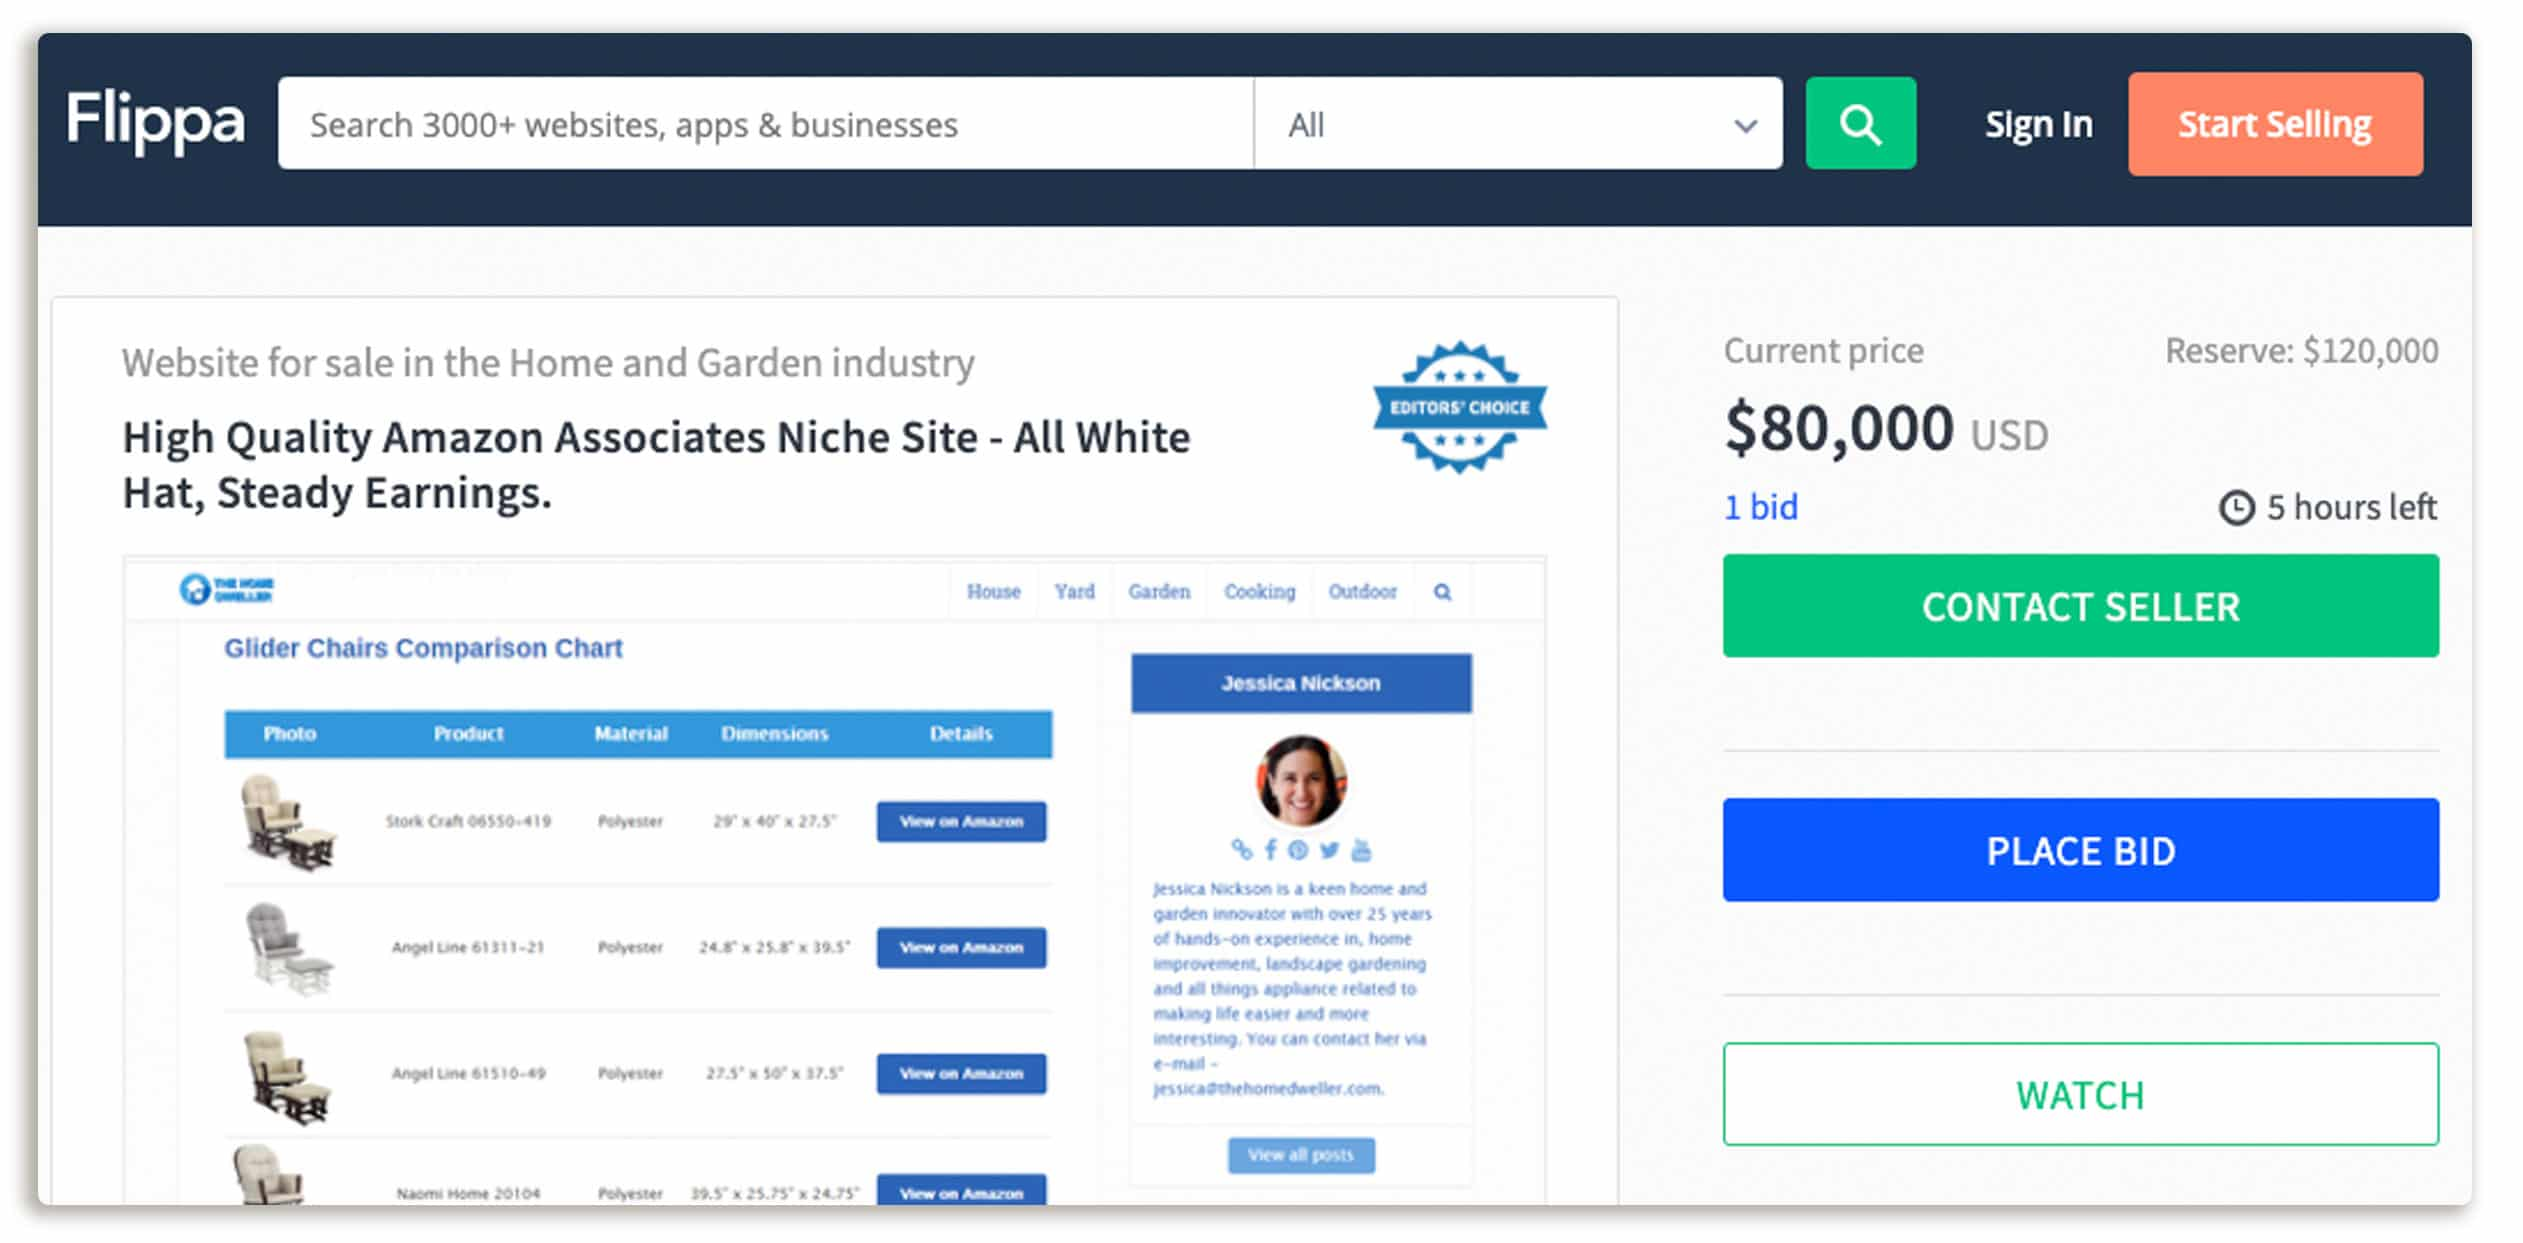 Buy and Flip websites